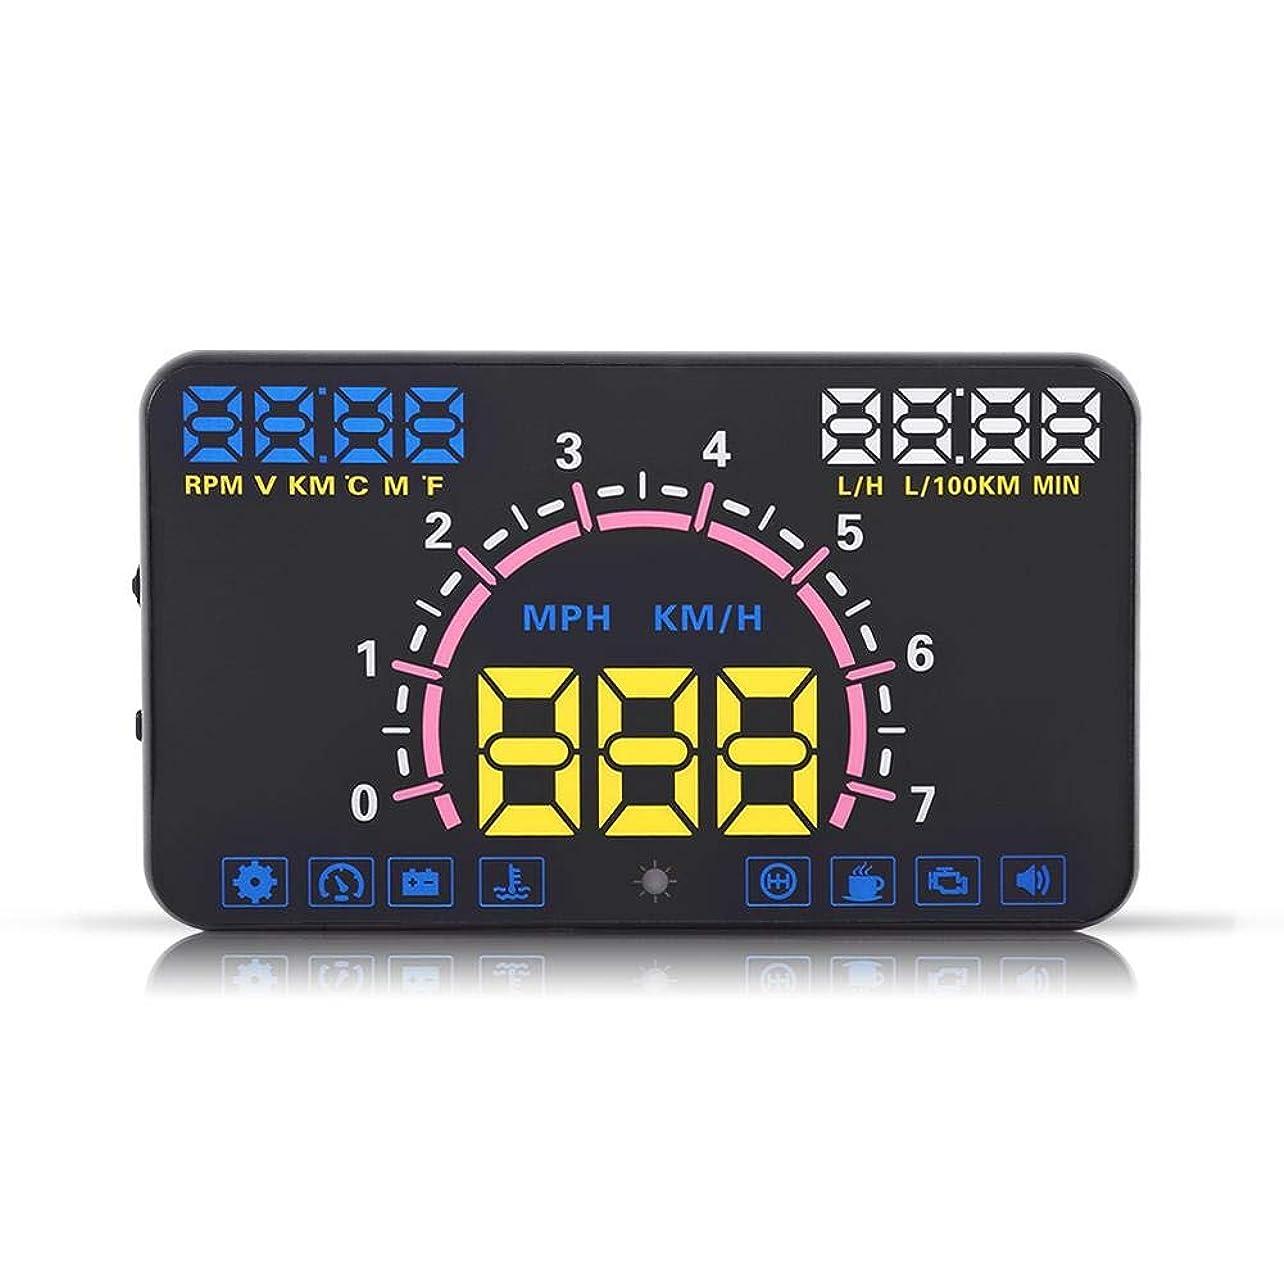 そこバン当社HUDヘッドアップディスプレイ GPS OBD2/EU OBD 車載スピードメーター 3つモード切り替え 燃料消費速度警告綜合システム 過速度警告搭載 反射フィルム付き 読み取りやすい 自動電源オンオフ (5.8インチ)